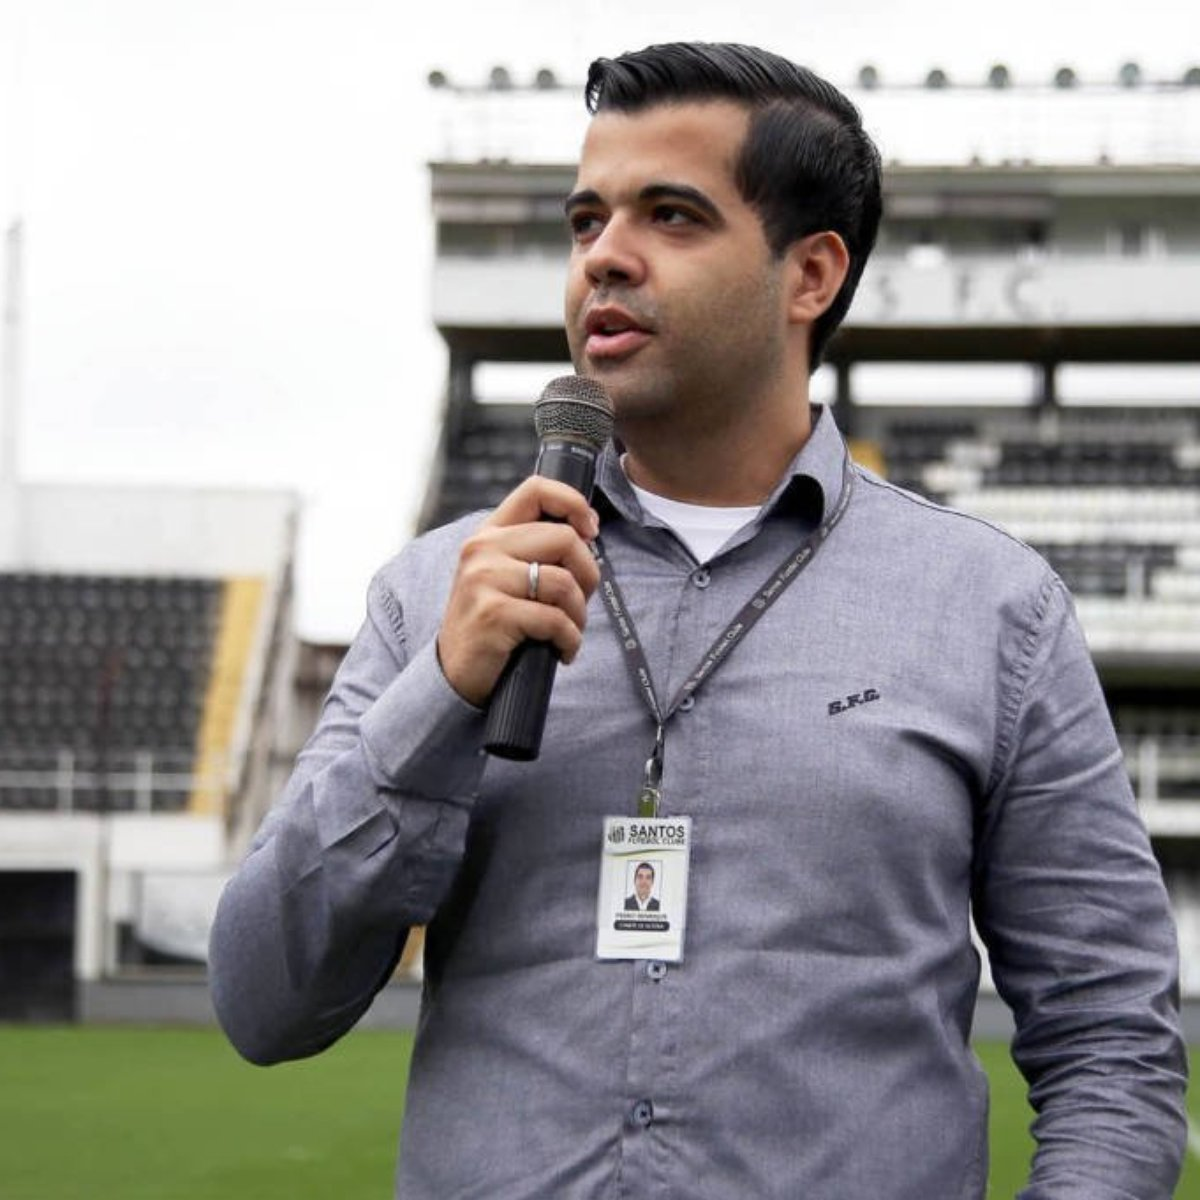 CG do Santos tenta travar processo de impeachment na Justiça. Liminar é negada